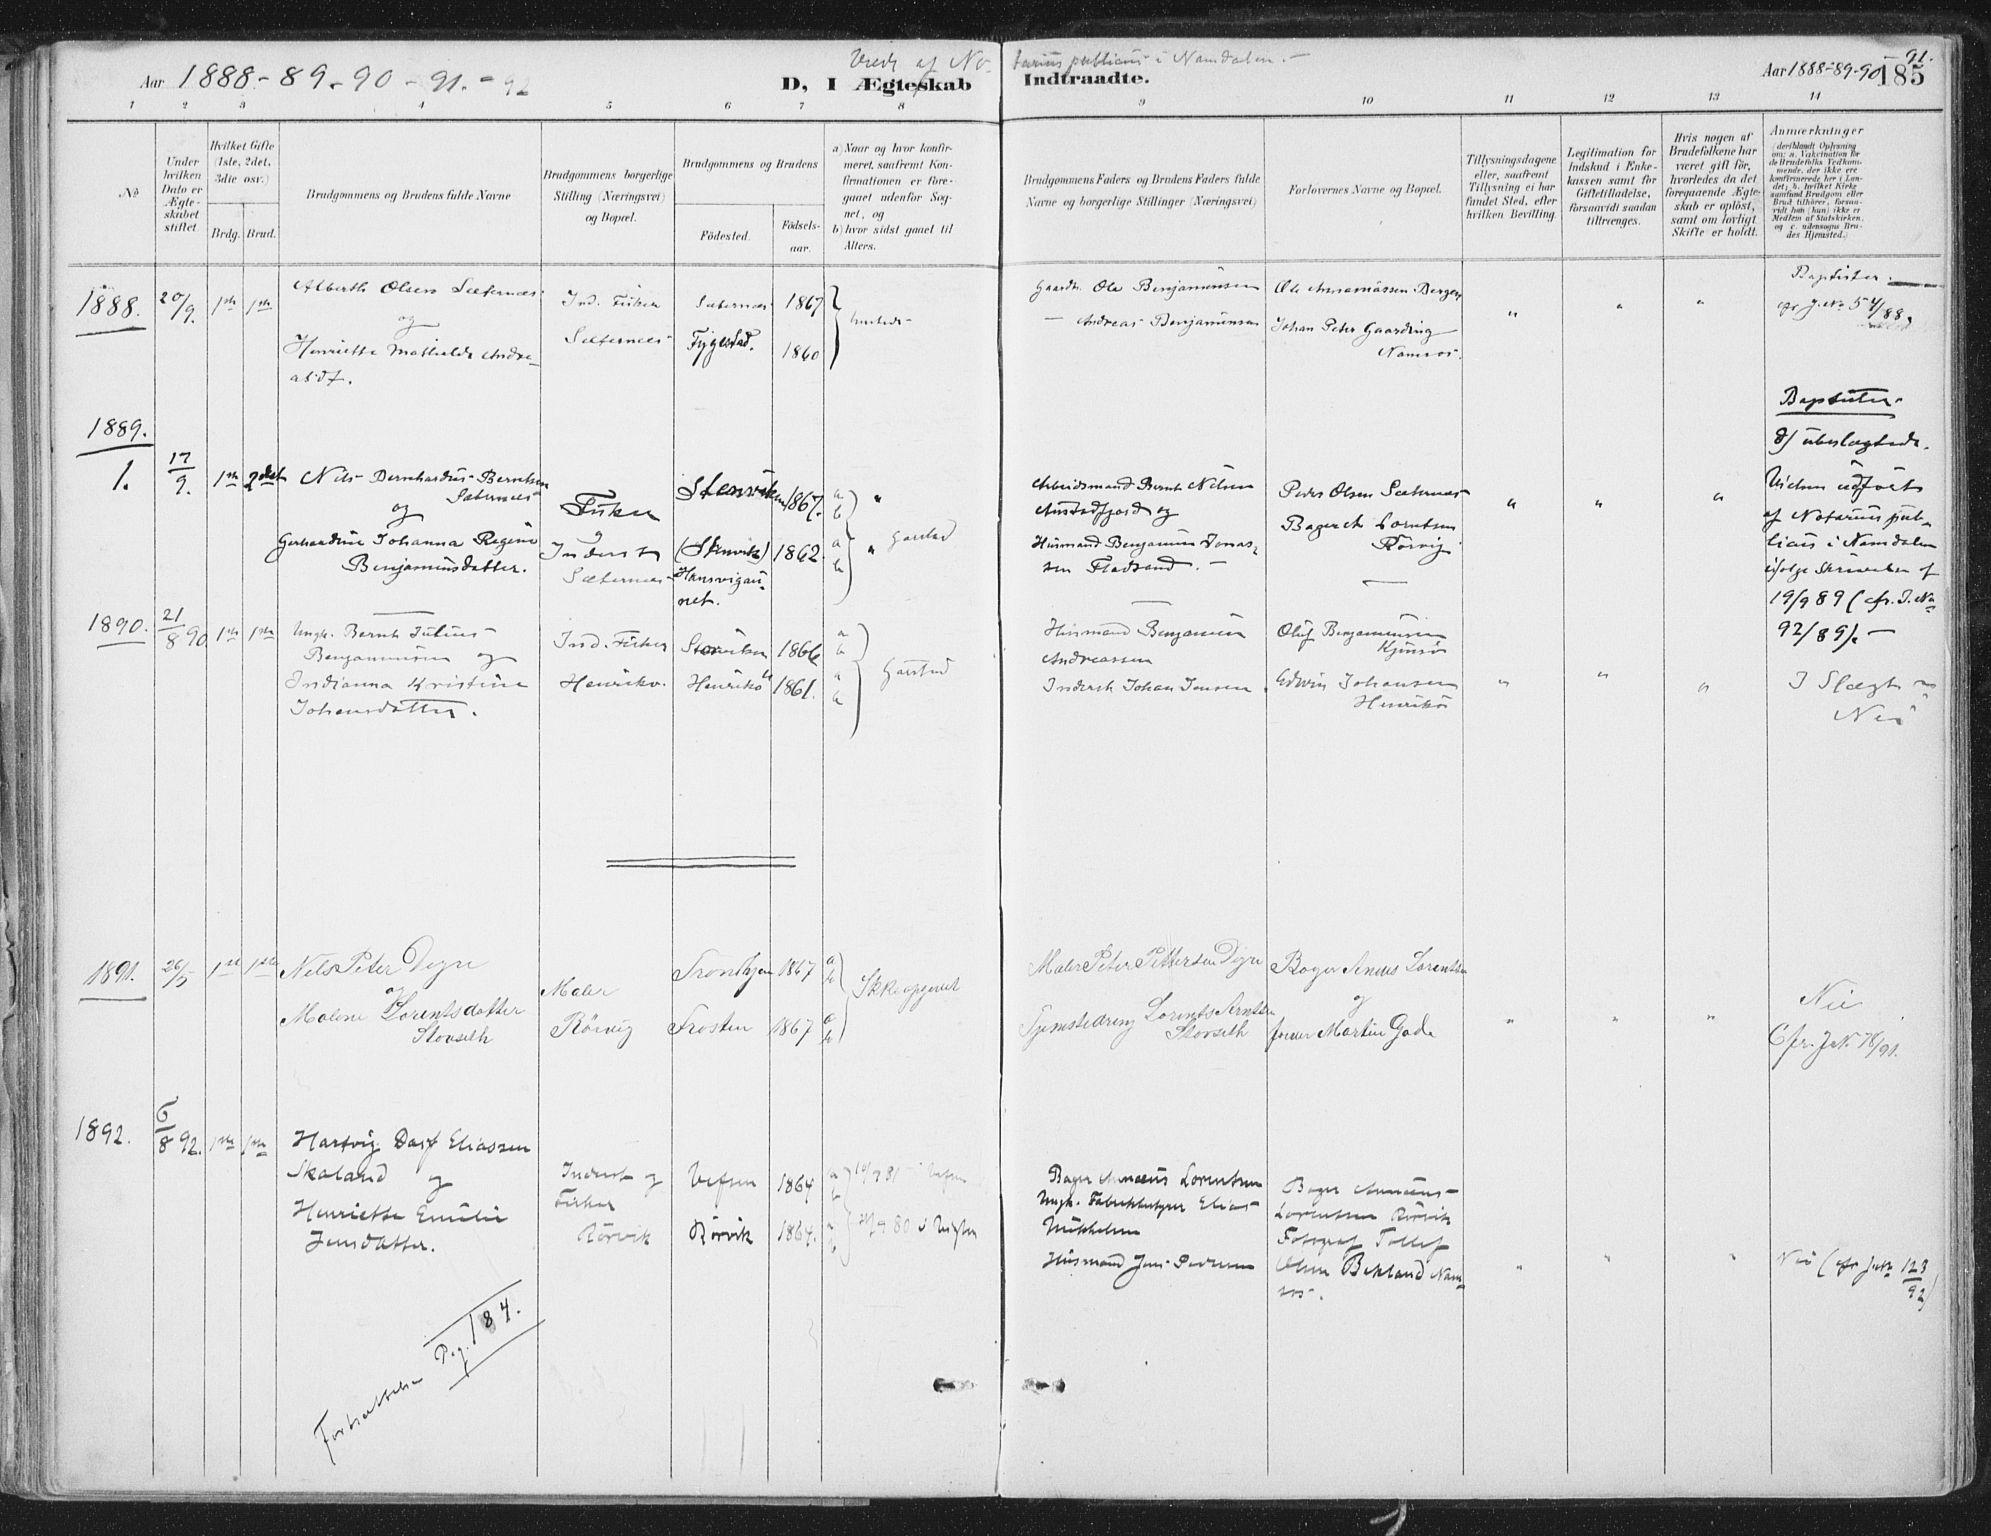 SAT, Ministerialprotokoller, klokkerbøker og fødselsregistre - Nord-Trøndelag, 786/L0687: Ministerialbok nr. 786A03, 1888-1898, s. 185